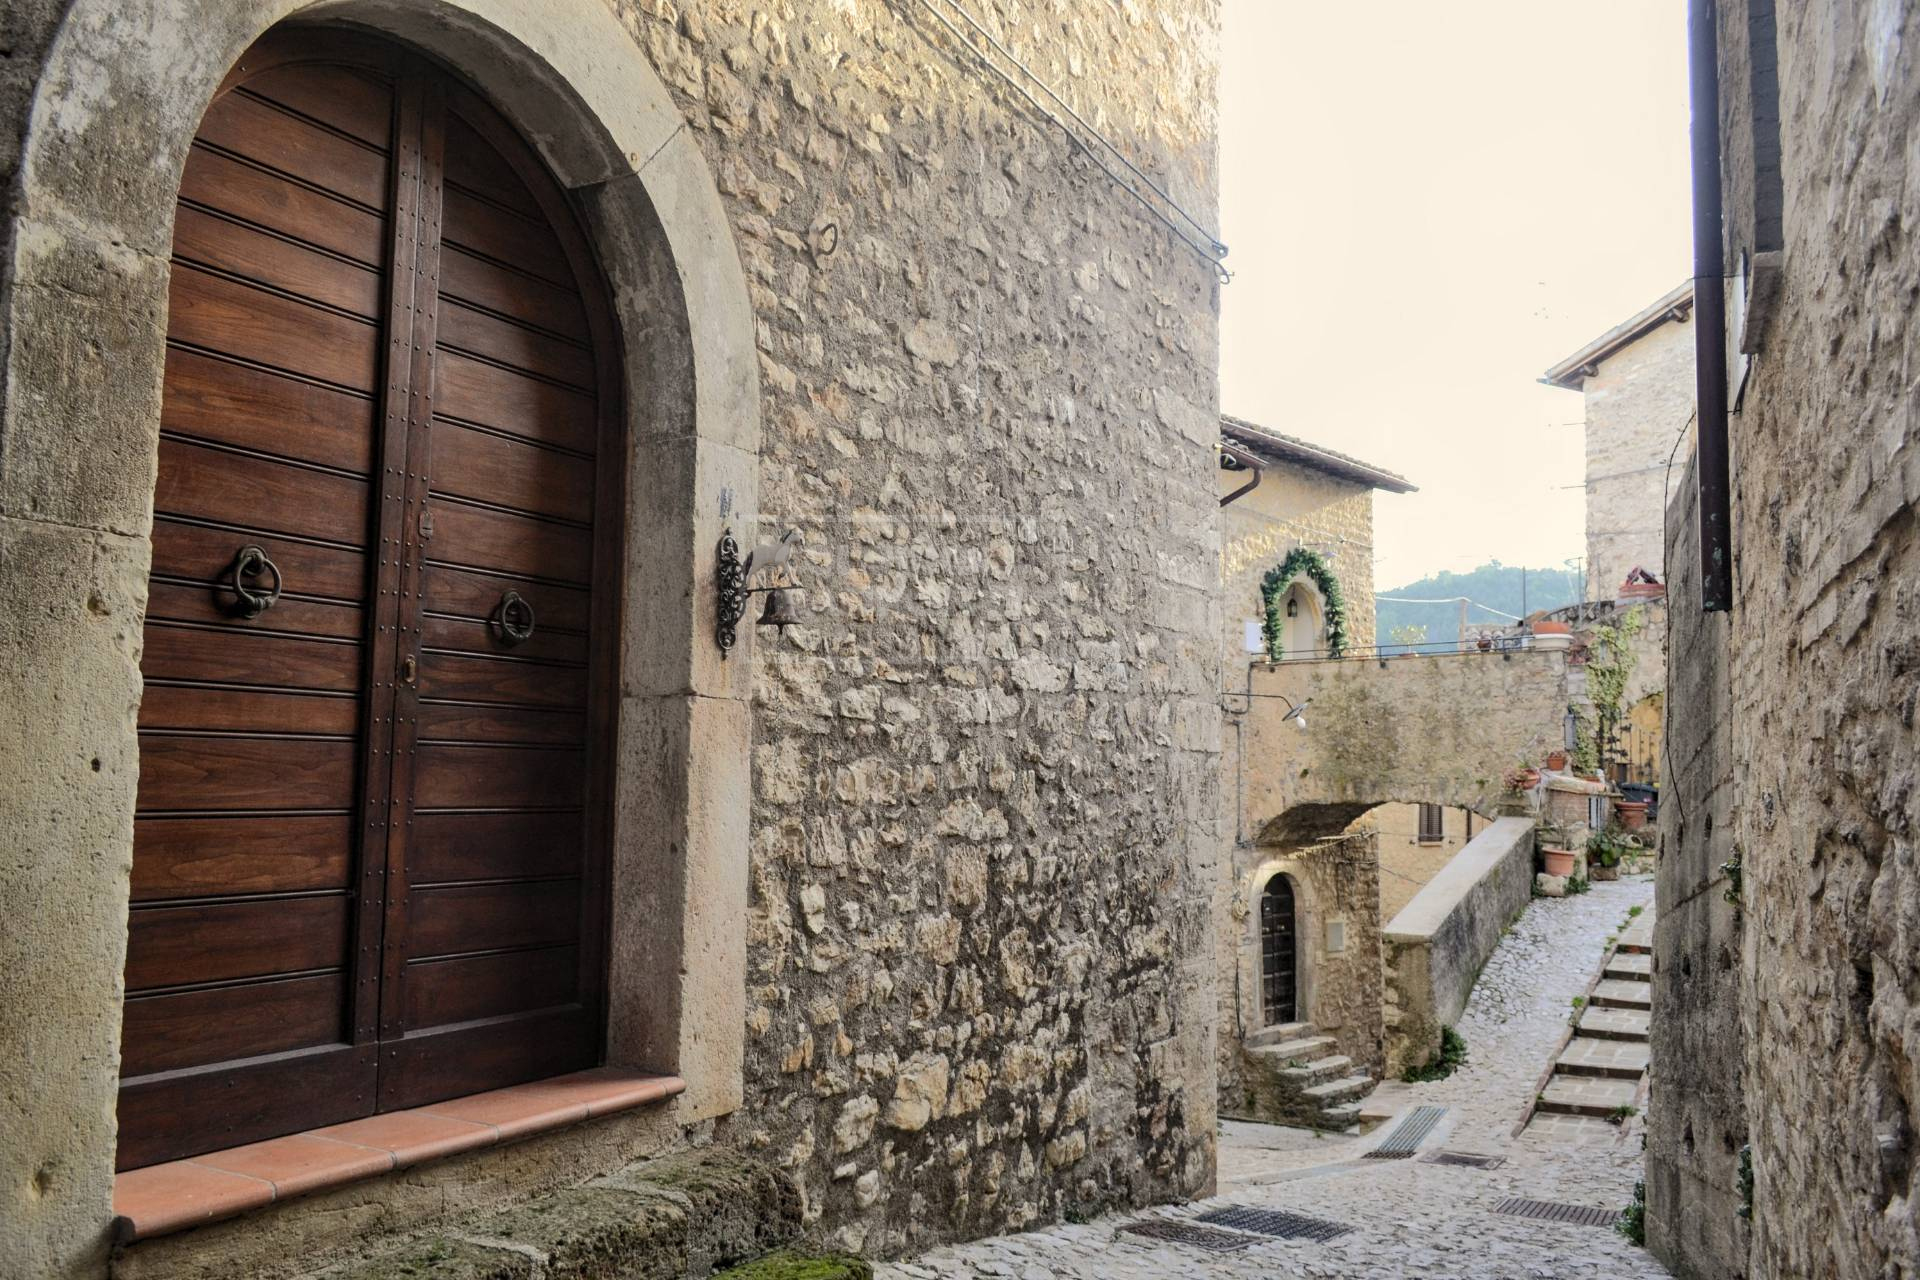 Soluzione Semindipendente in vendita a Ferentillo, 7 locali, zona Località: SanMamiliano, prezzo € 110.000 | CambioCasa.it